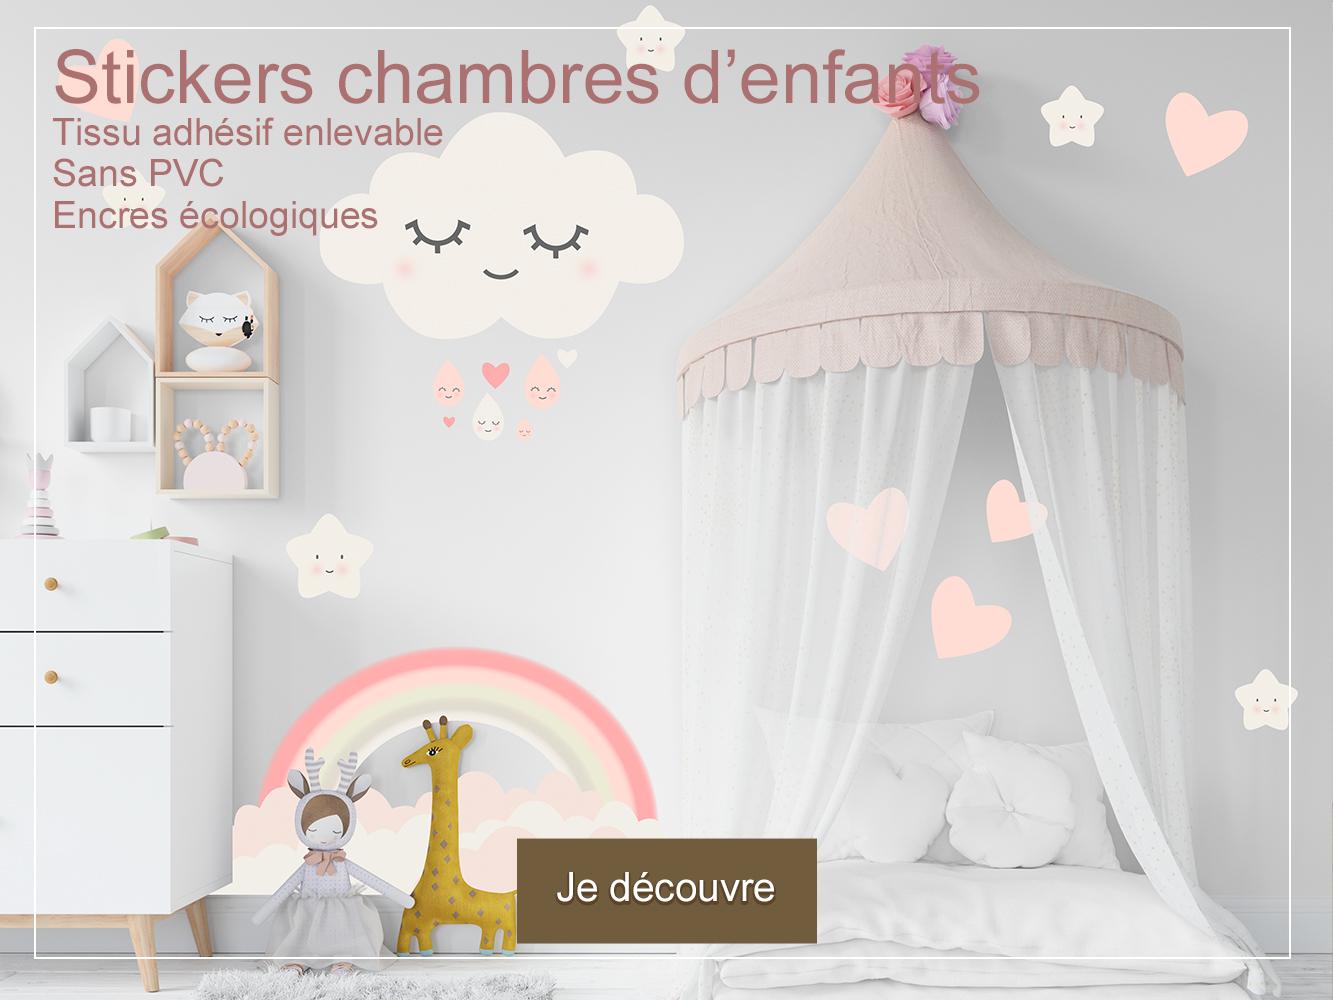 photo-stickers-chambre-d-enfant-bebe-doux-reves-coeurs-tissu-adhesif-enlevable-sans-PVC-encres-ecologiques-latex-DECO-VITRES